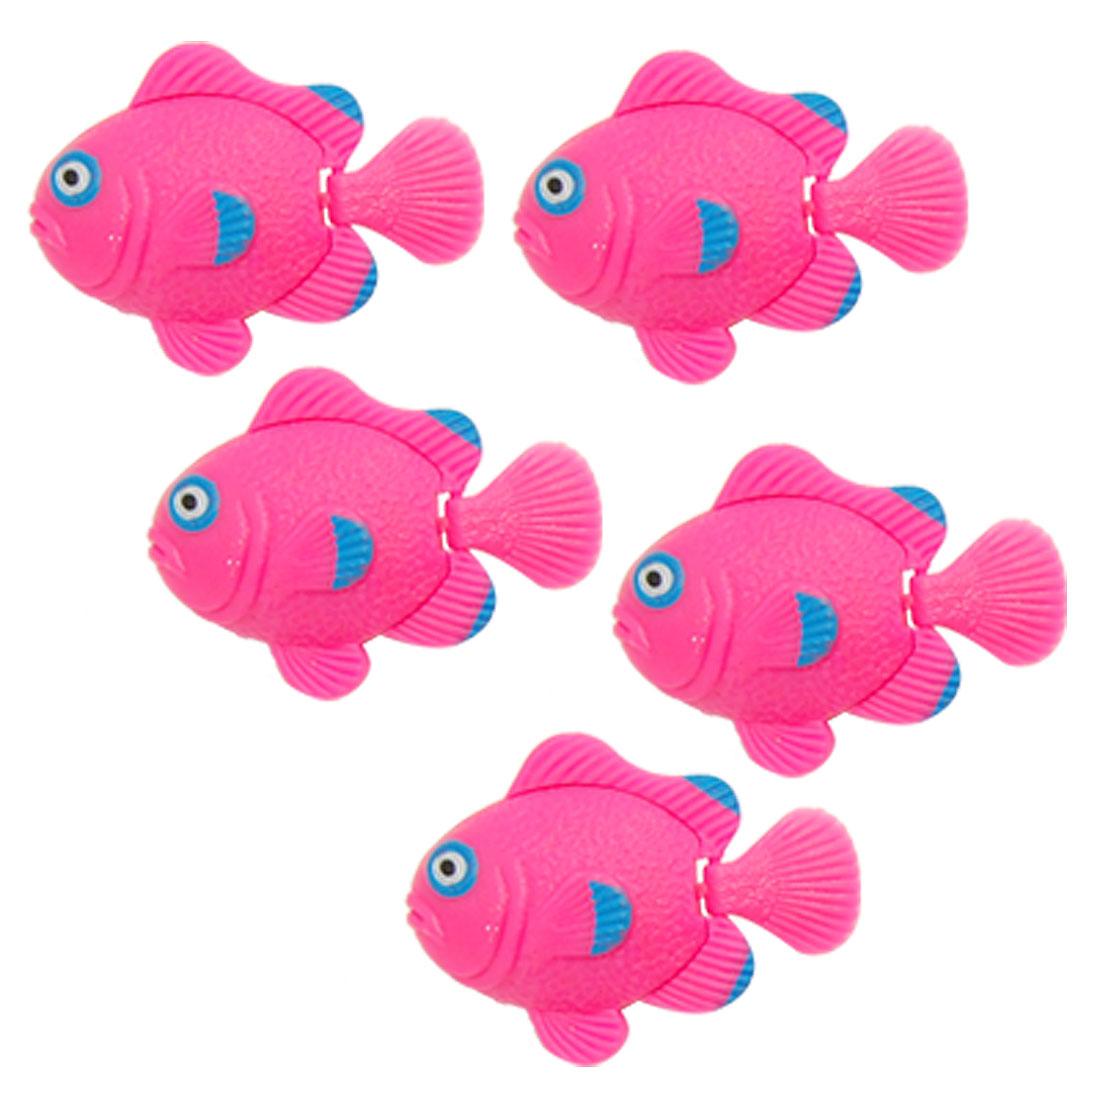 Pink Plastic Floating Fish Aquarium Tank Ornament 5 PCS